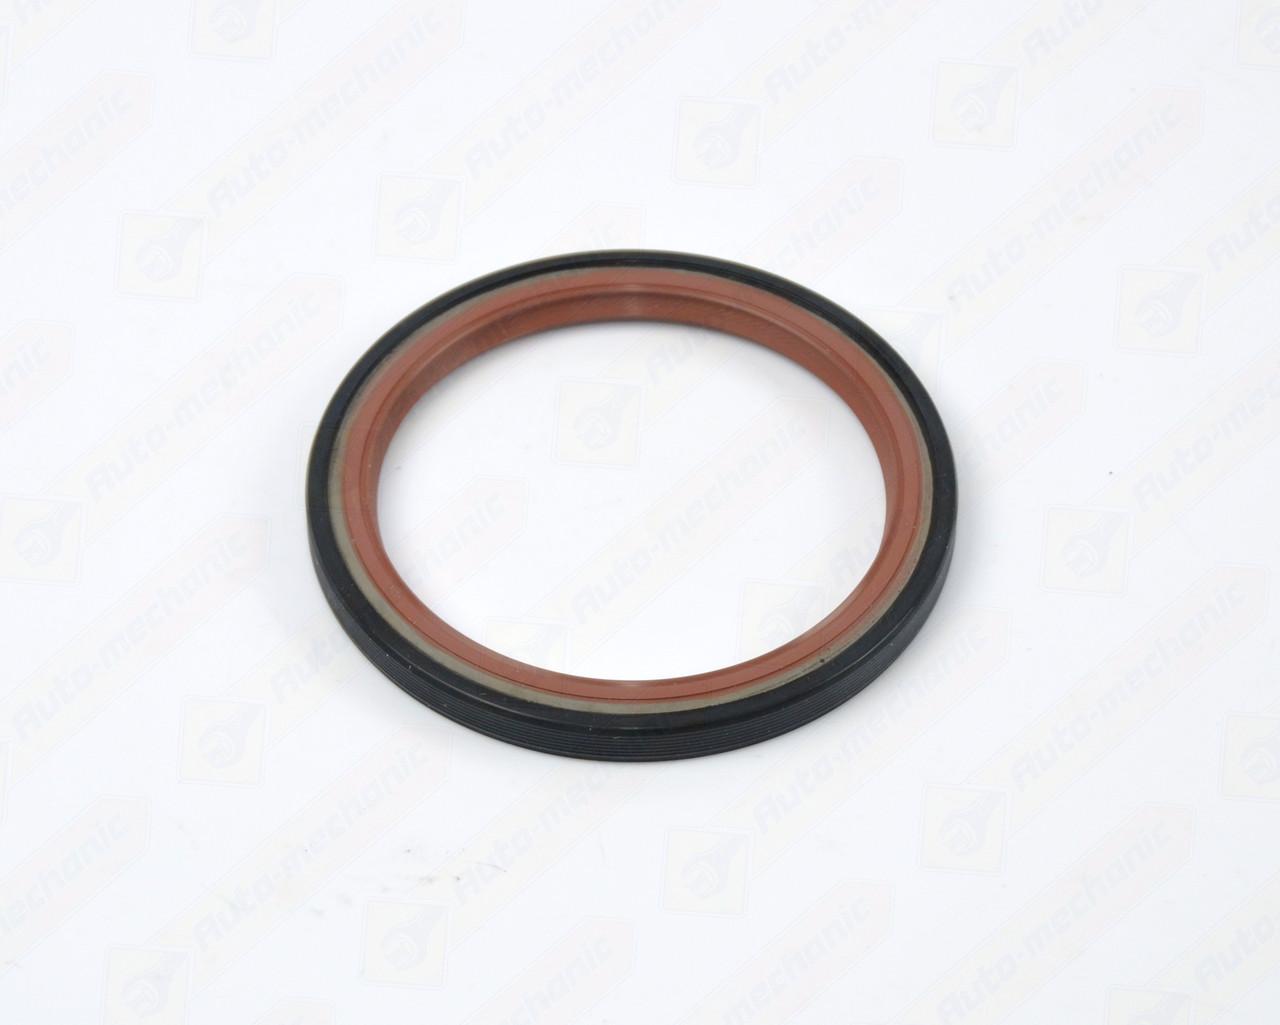 Сальник коленчатого вала (задний) на Renault Dokker 2012-> 1.6 - Victor Reinz - 81-18304-50